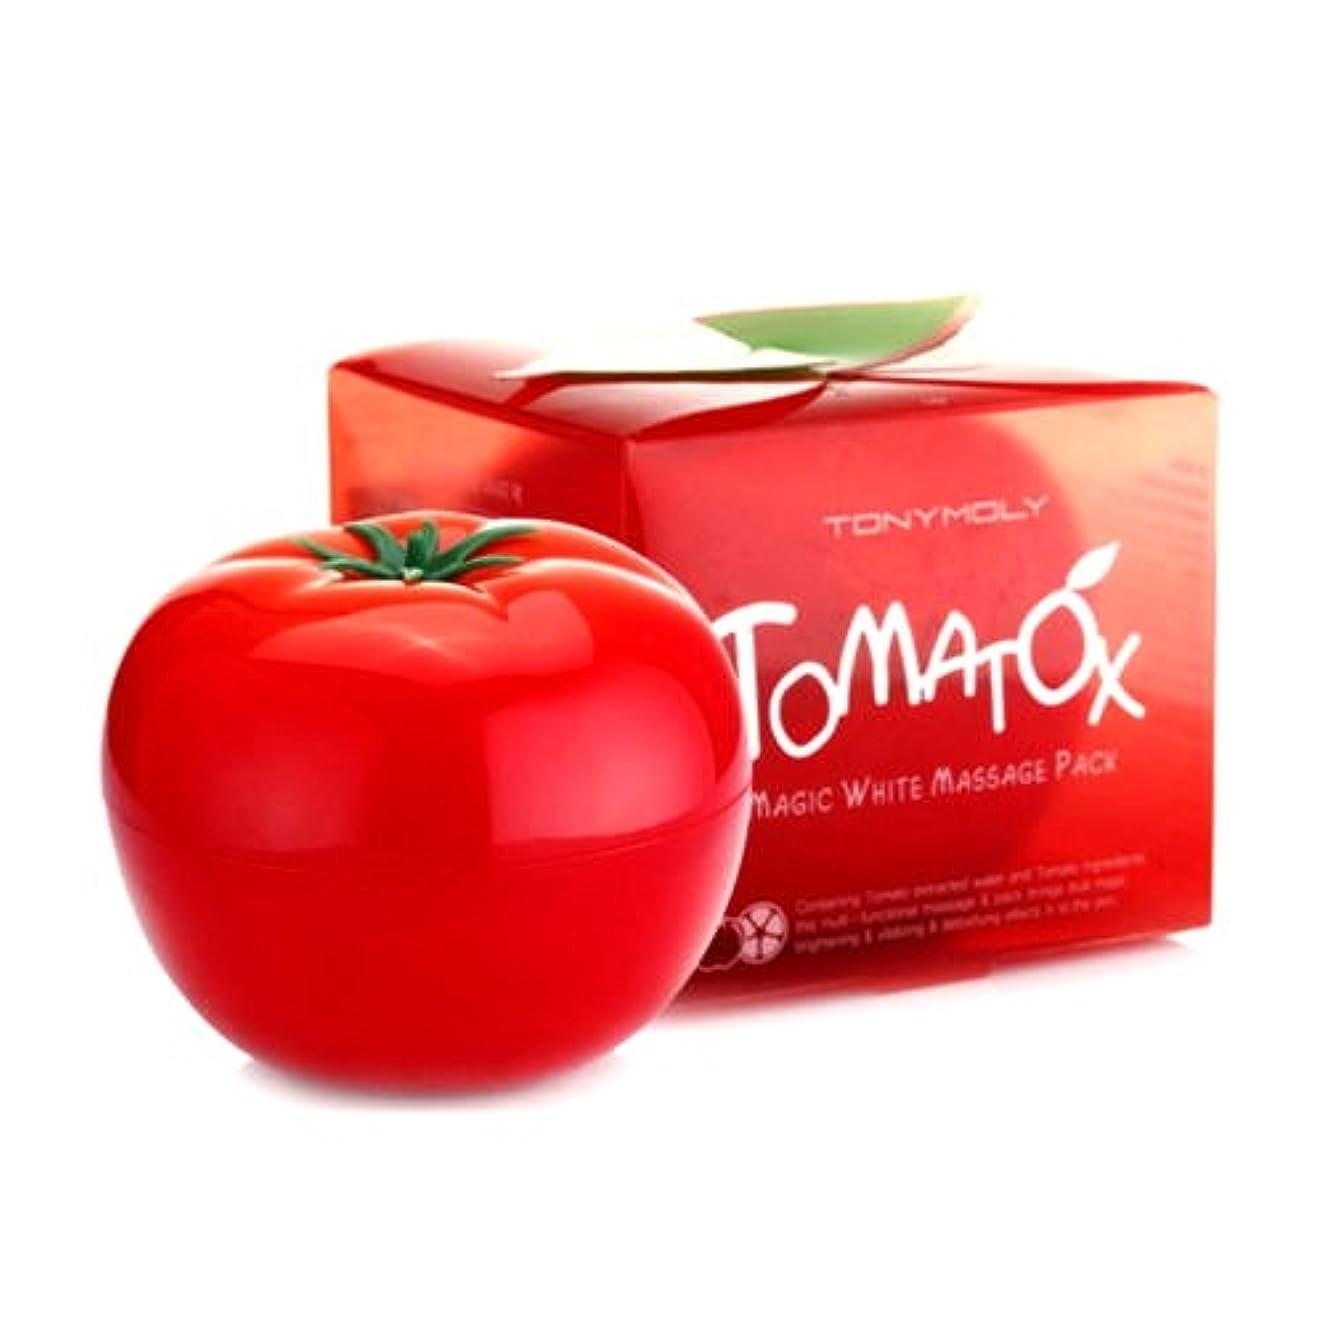 スパイラル夕食を作る昼間(3 Pack) TONYMOLY Tomatox Magic Massage Pack (並行輸入品)